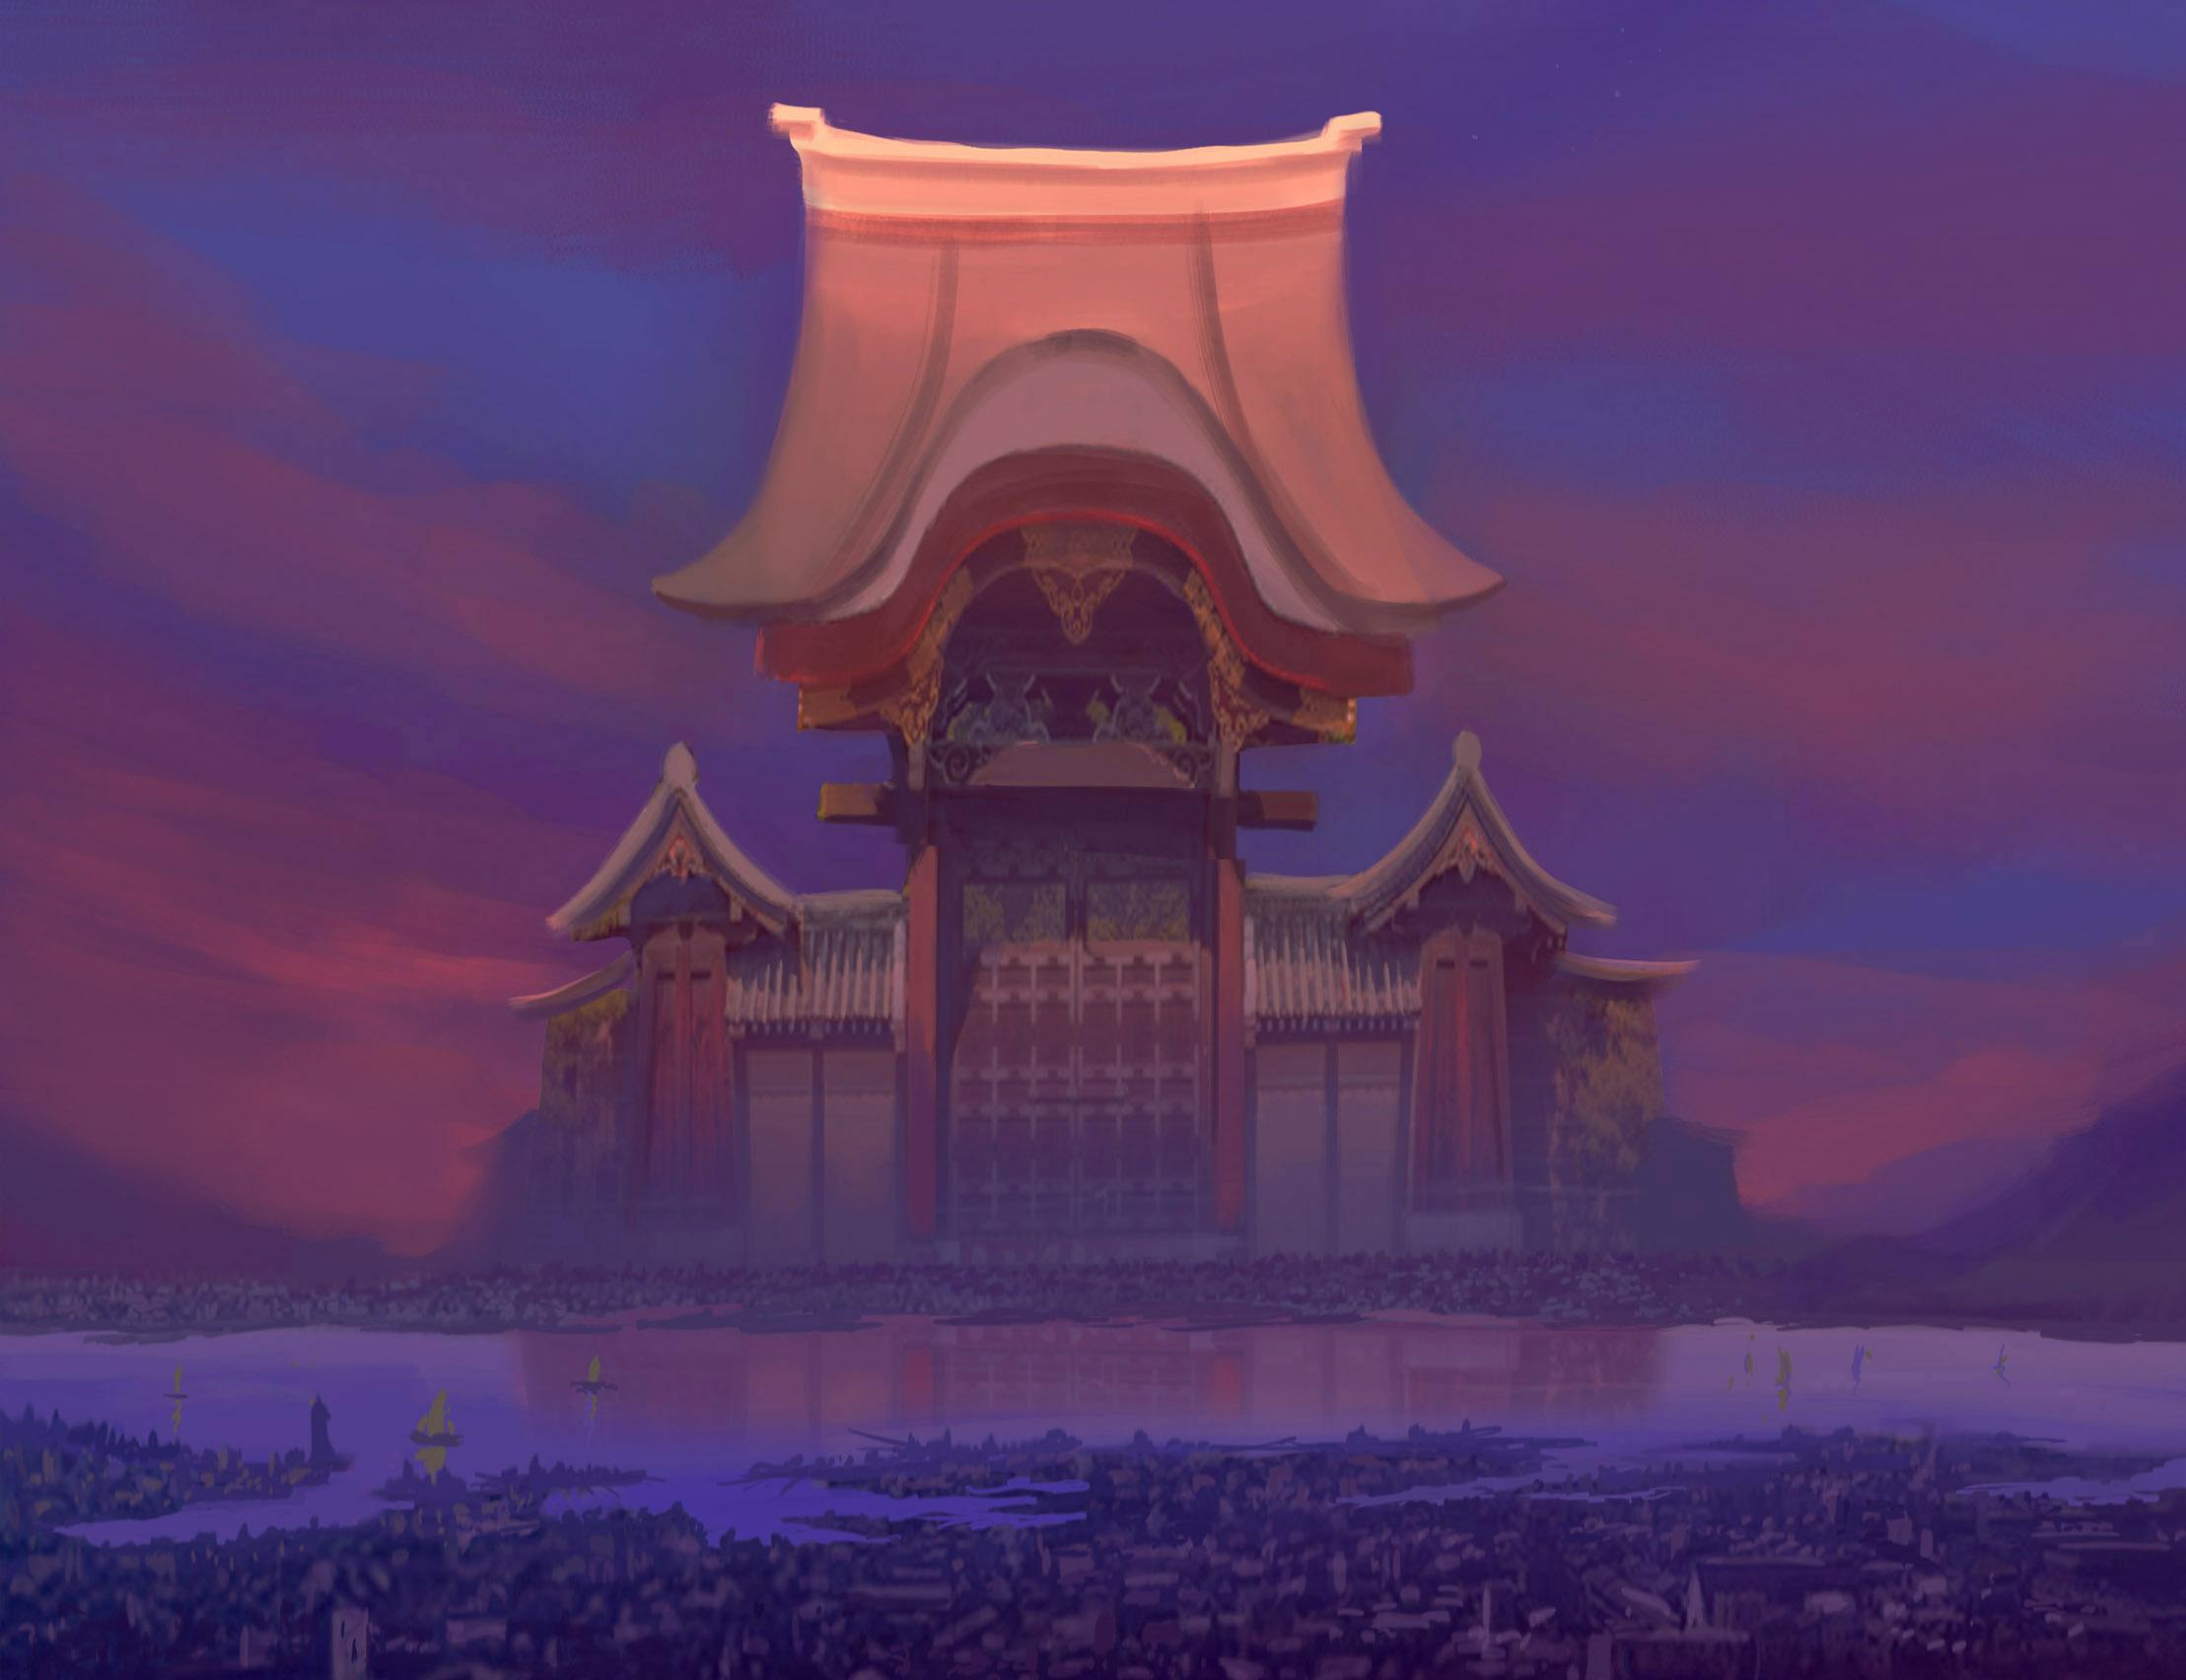 Turandot 's Chinese Palace